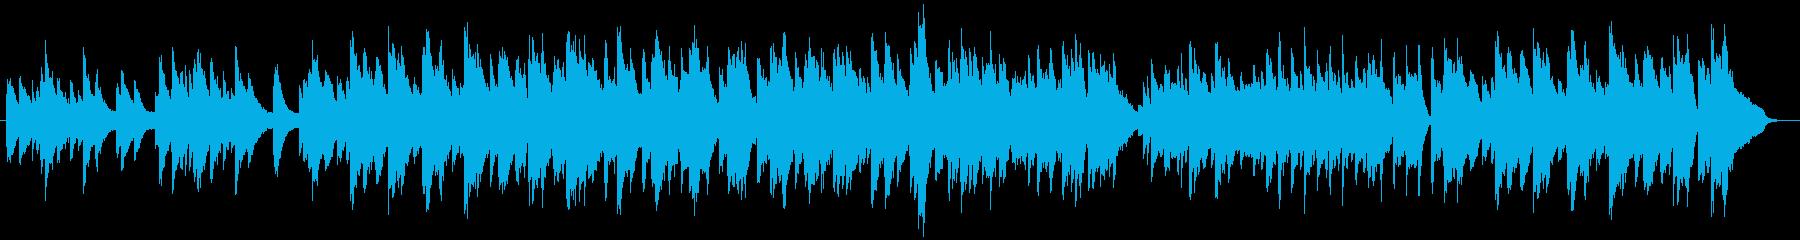 ピアノとビブラフォンによるまったり日常系の再生済みの波形